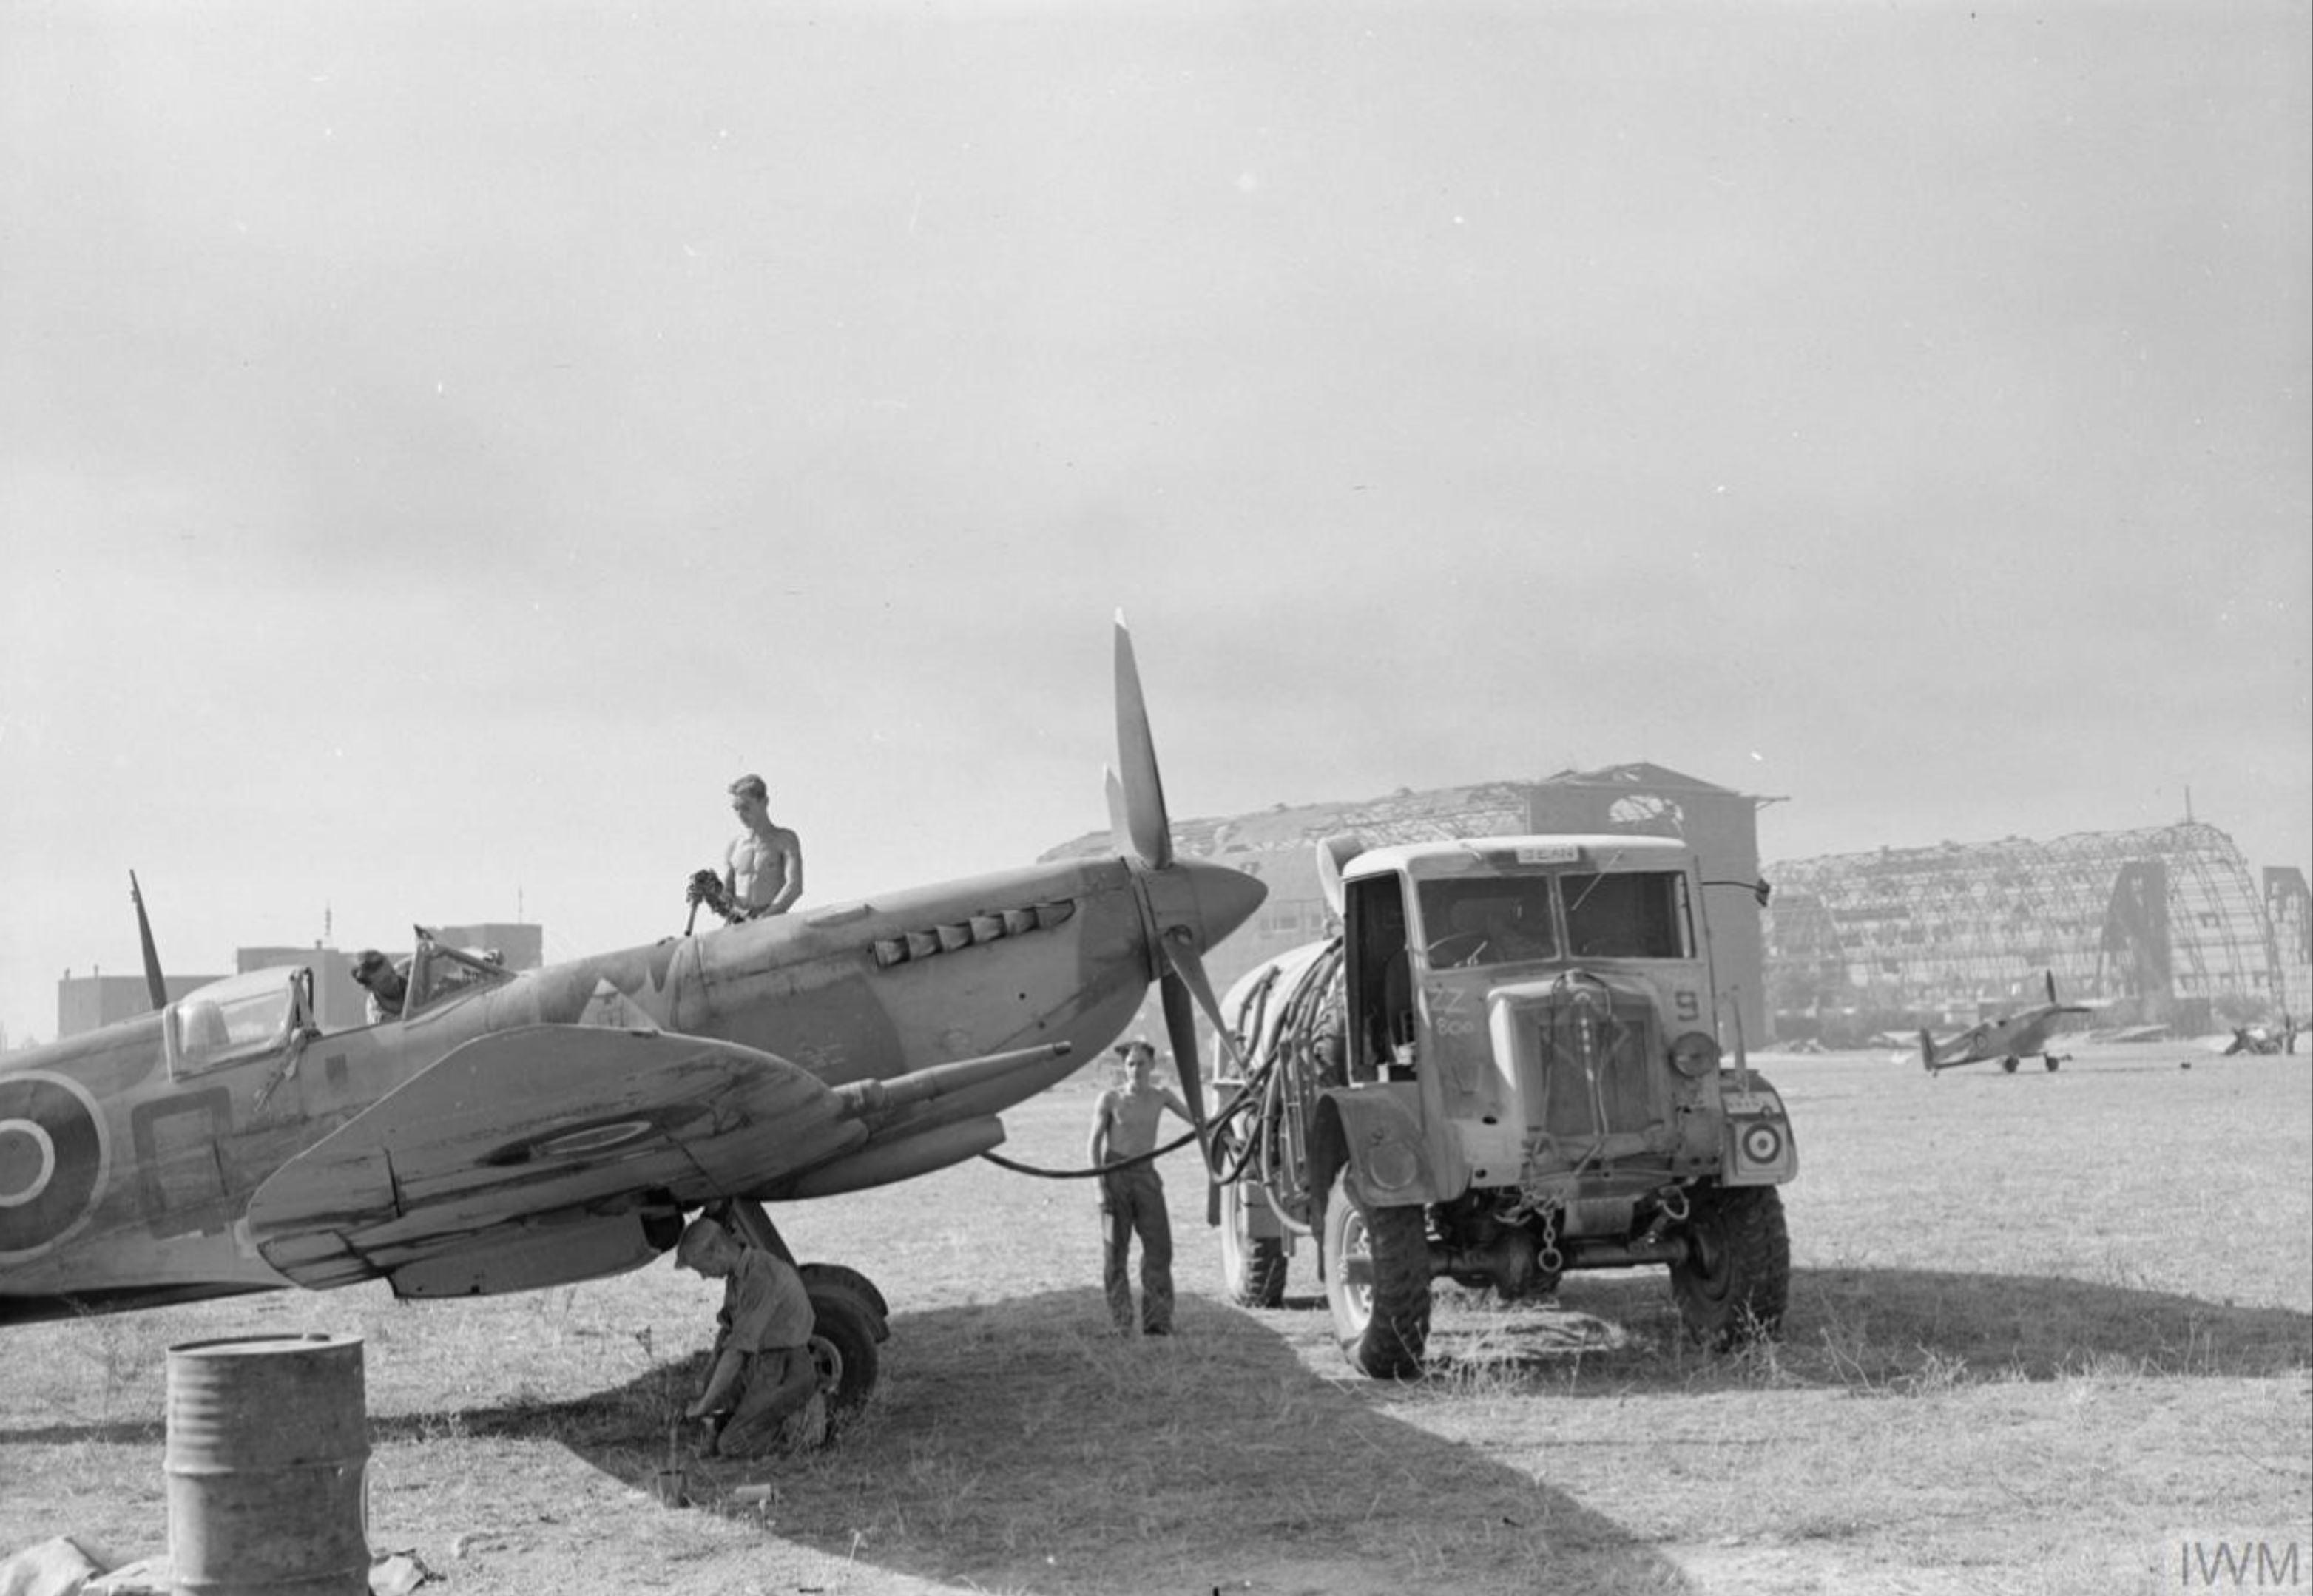 Spitfire HFVIII RAF 92Sqn undergoing routine maintenance at Grottaglie Italy IWM CNA1470